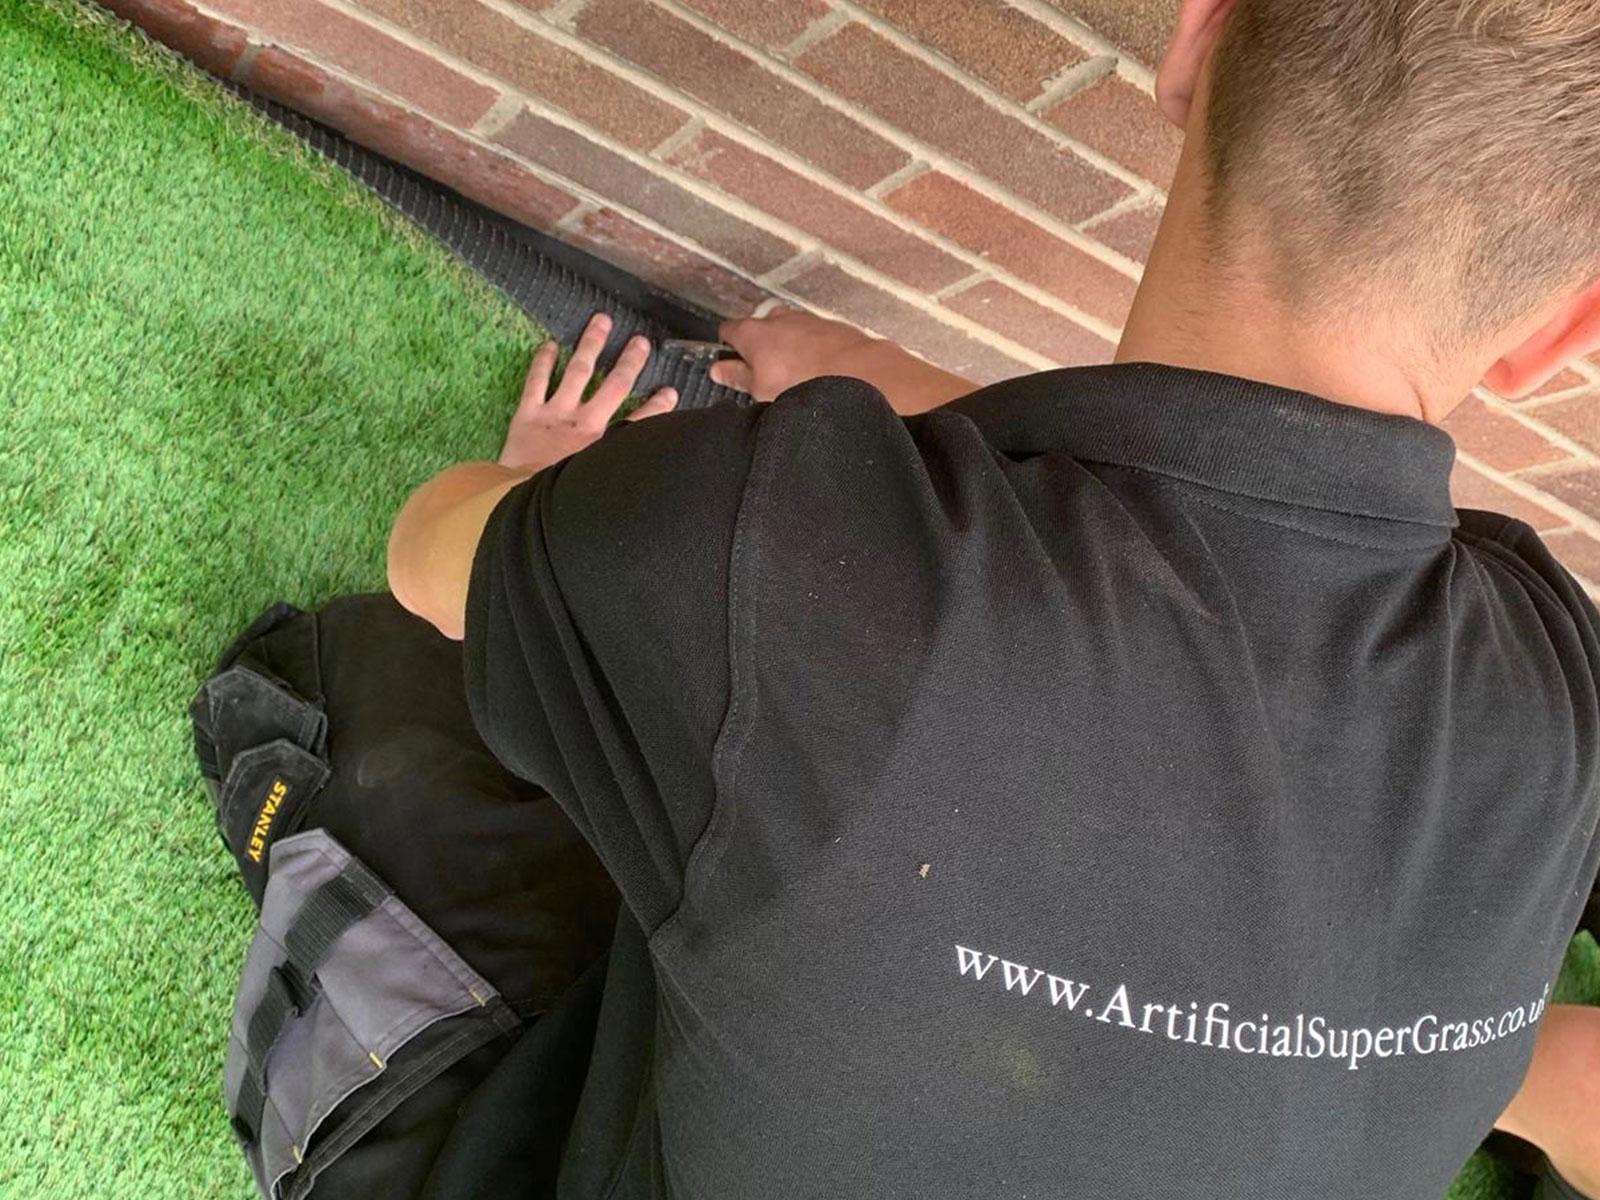 Astro Turf Burton Artificial Super Grass